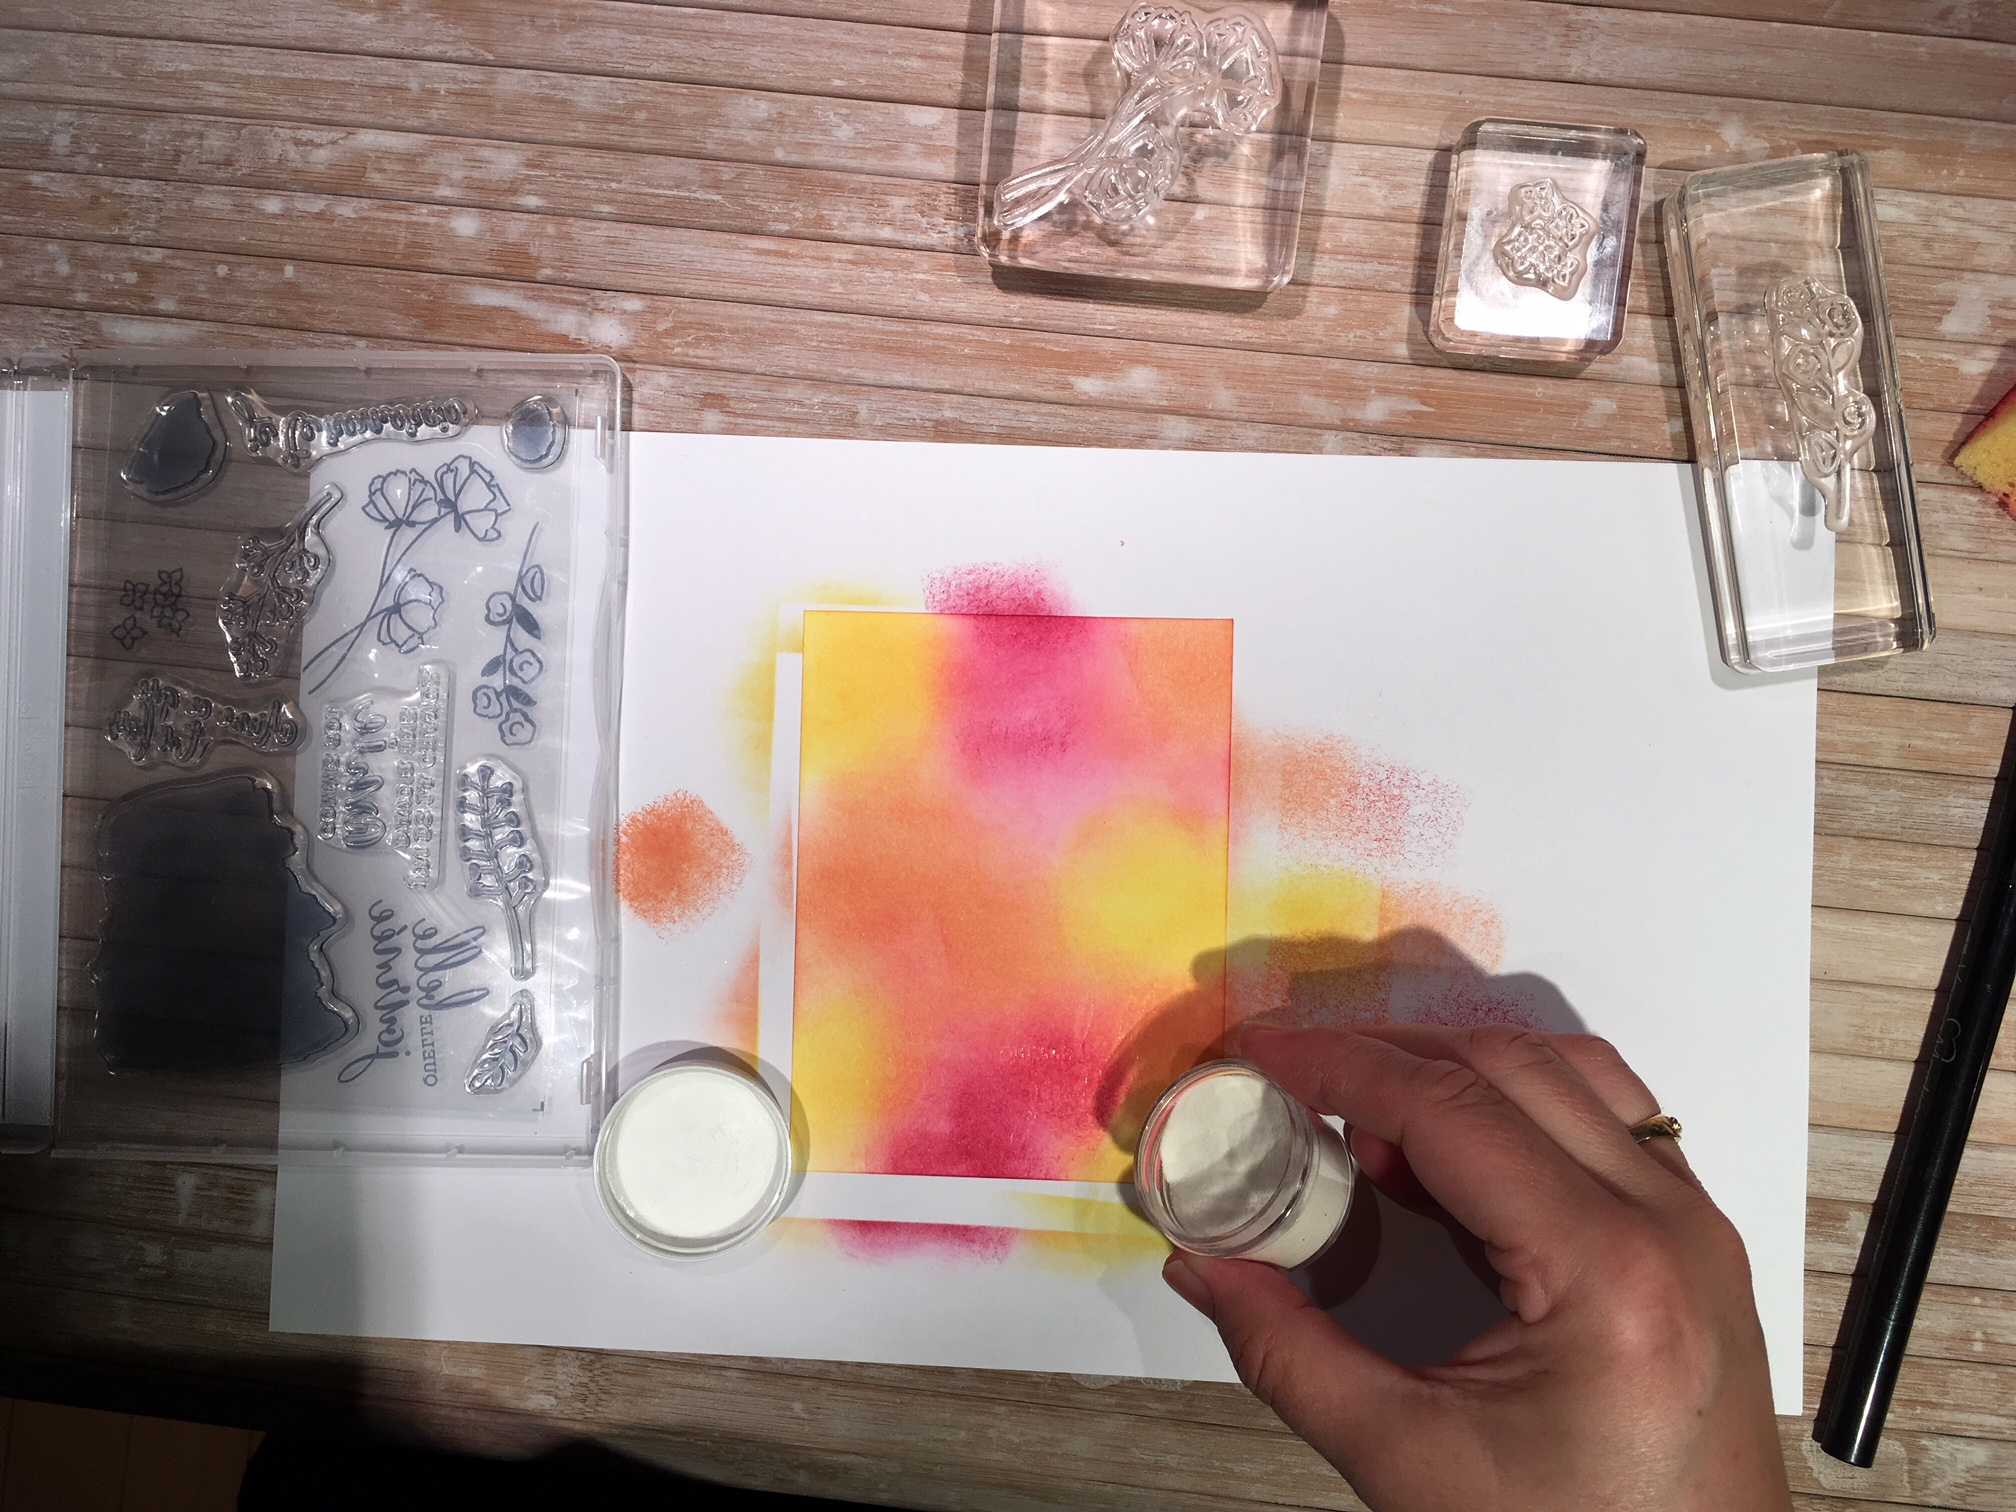 Saupoudrer de la poudre à gaufrage transparente